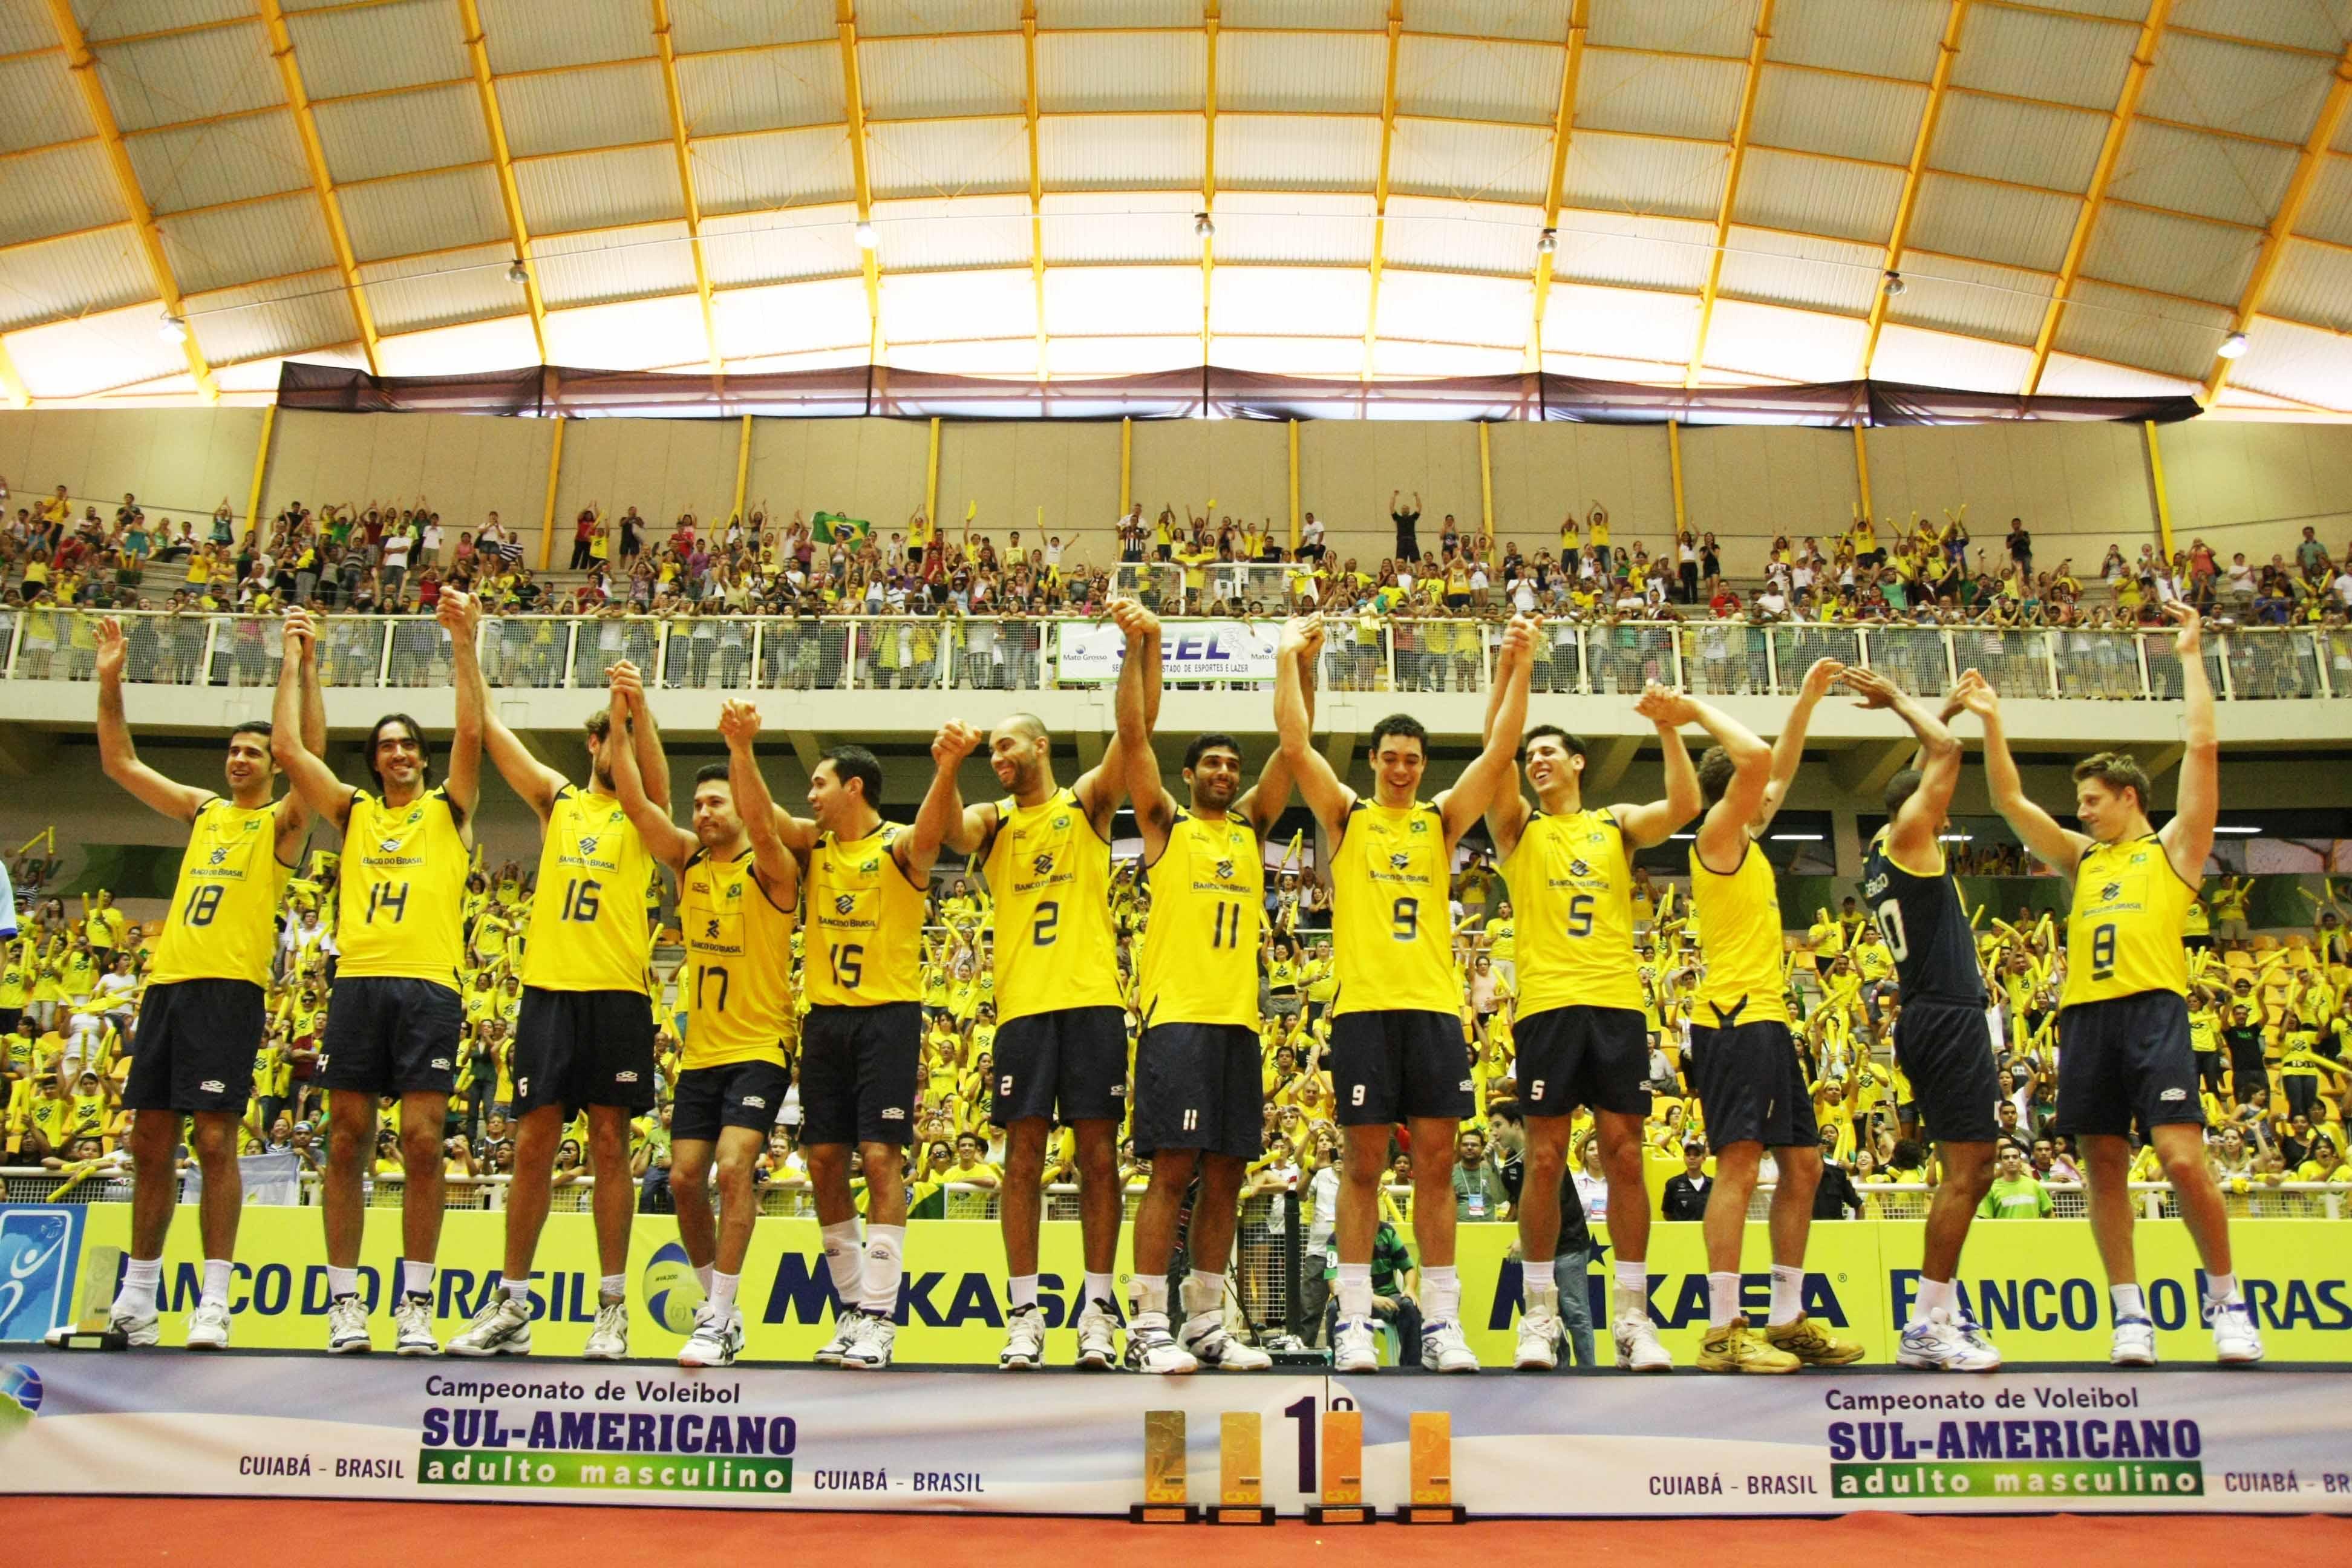 Cuba NORCECA continental champions